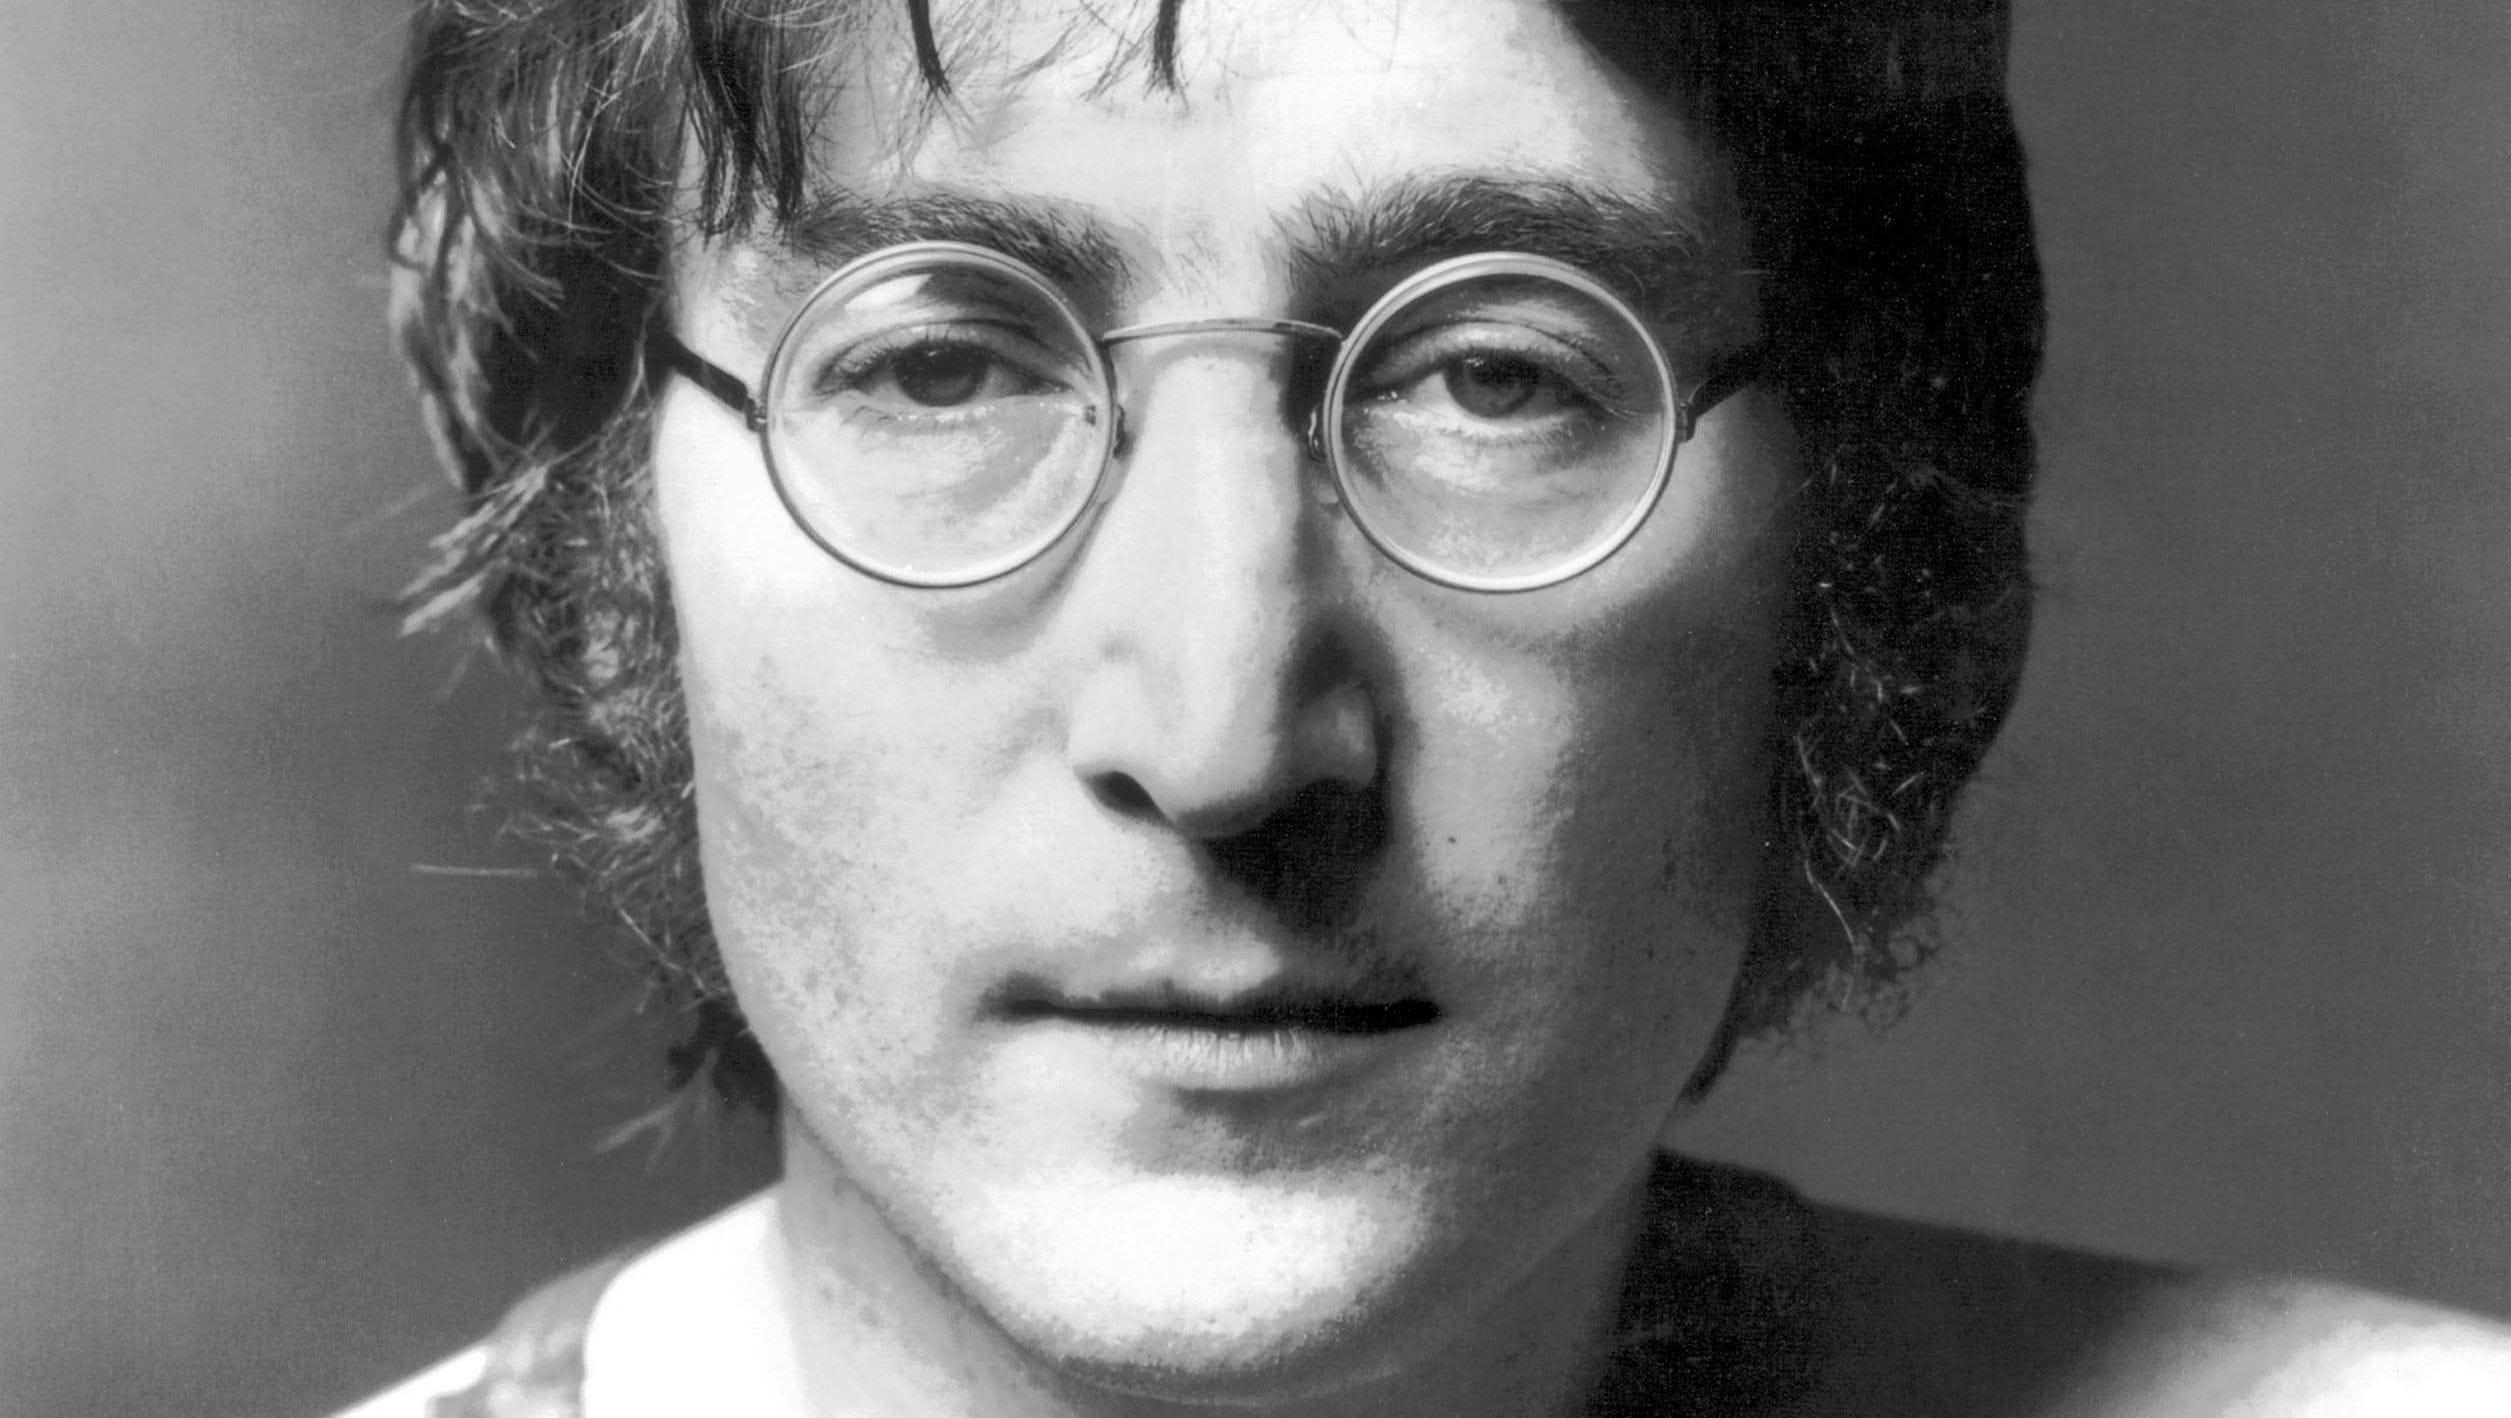 8 декабря - день памяти Джона Леннона: «Когда над тобой шесть футов земли, тебя любят все»